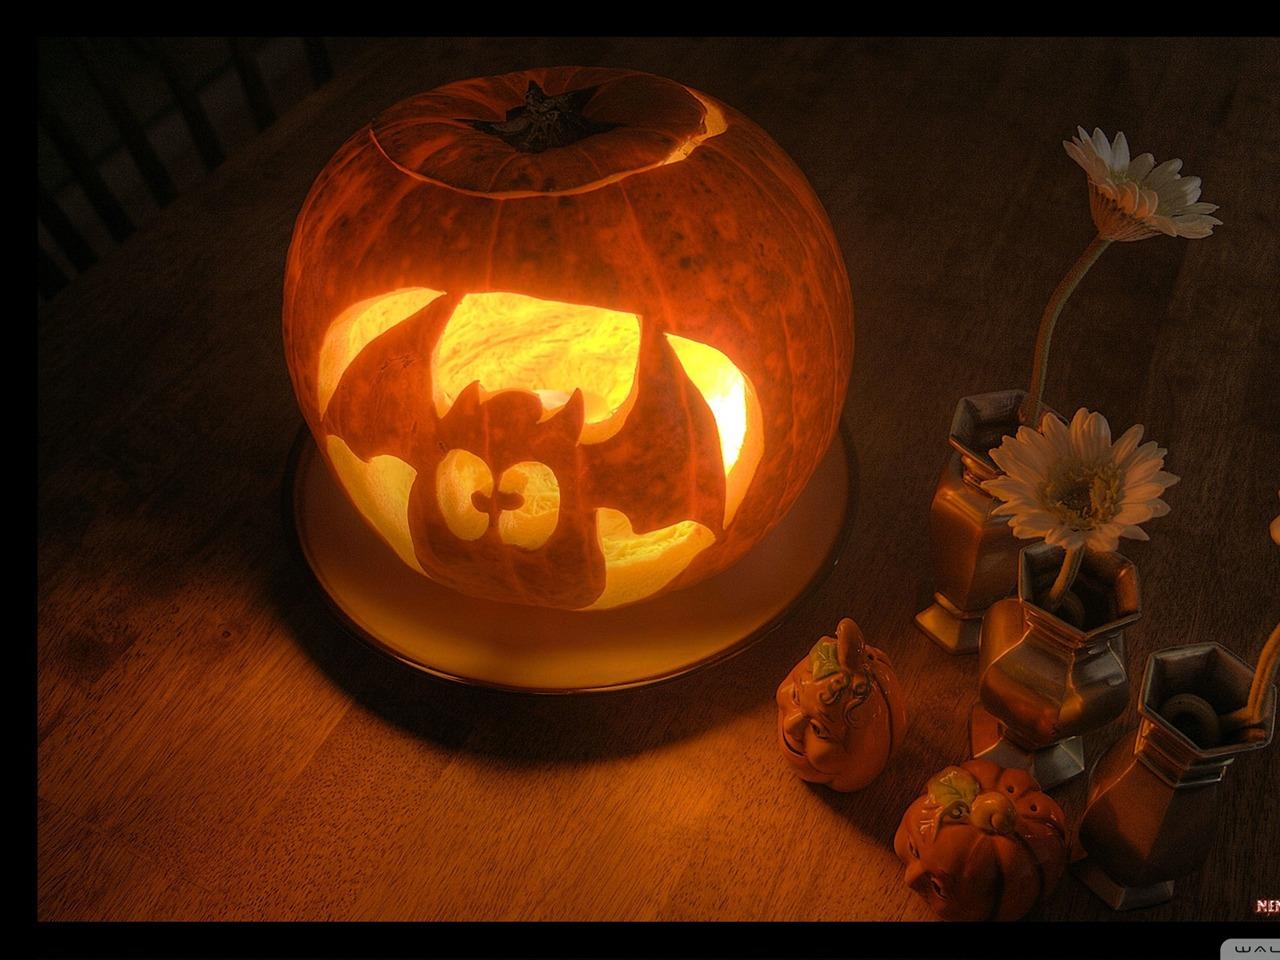 Funny jack light happy halloween desktop wallpapers 1280x960 download - Funny happy halloween wallpaper ...